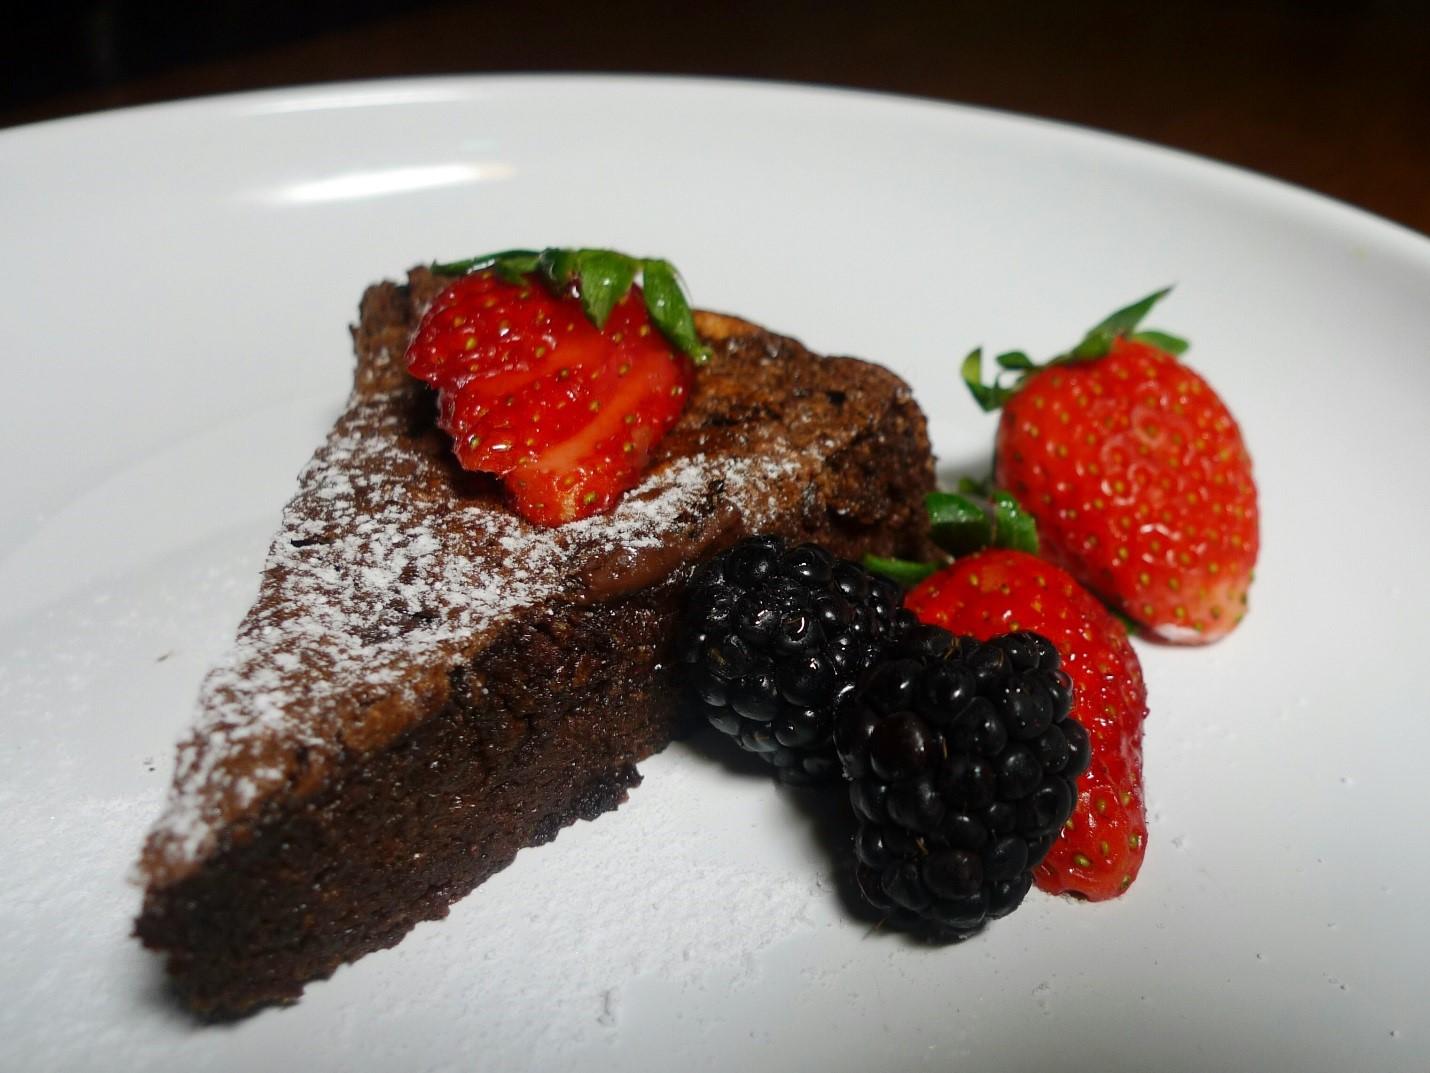 MAKING CANNABIS CHEESE CHOCOLATE CAKE